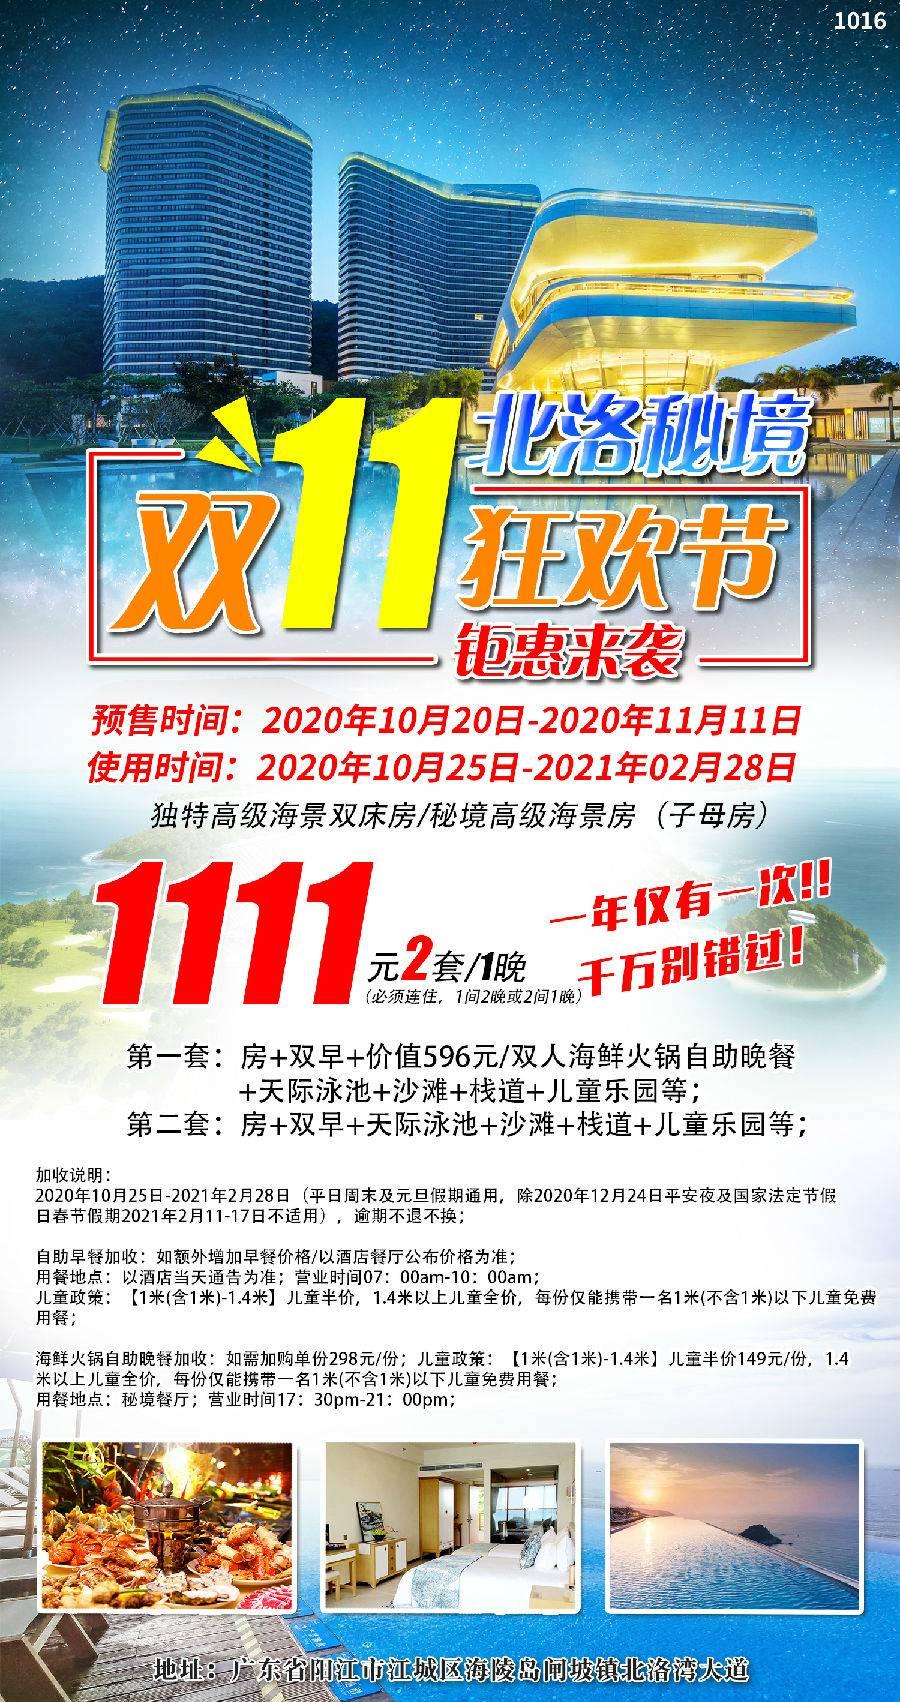 """【阳江】北洛秘境""""双11狂欢节•钜惠来袭""""--仅售¥1111元/2套/1晚,第一套含双早+双人海鲜火锅自助晚+天际泳池,第二套含双早+天际泳池"""